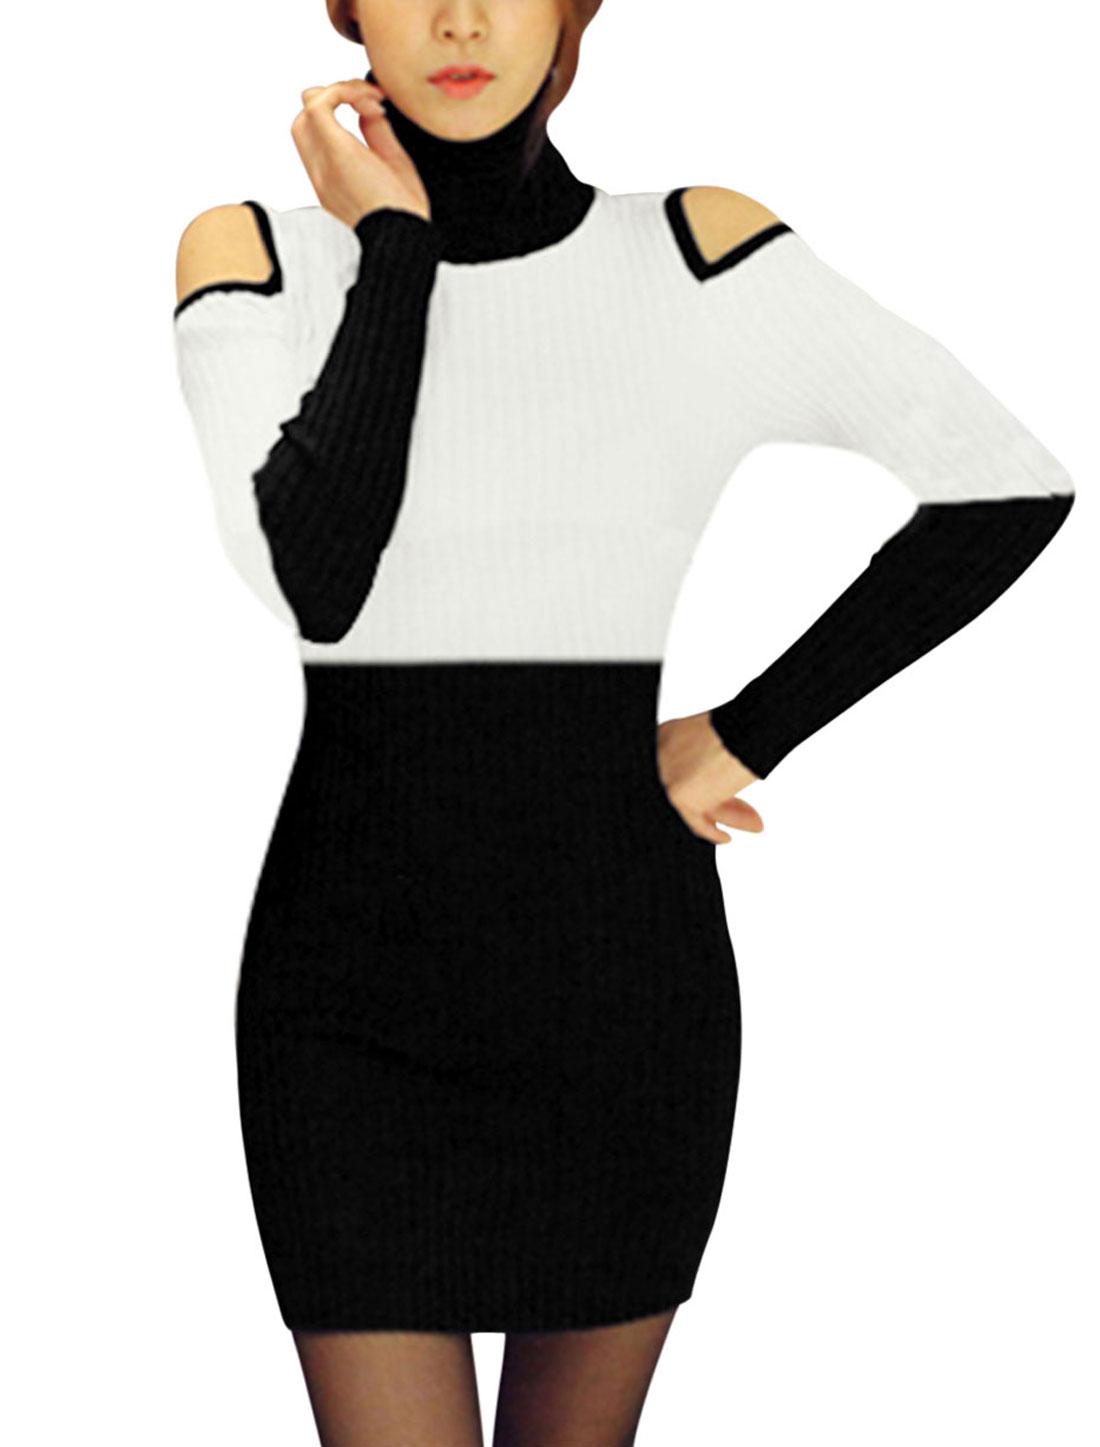 Women Turtle Neck Cut Out Shoulder Color Block Sweater Dress Black White S